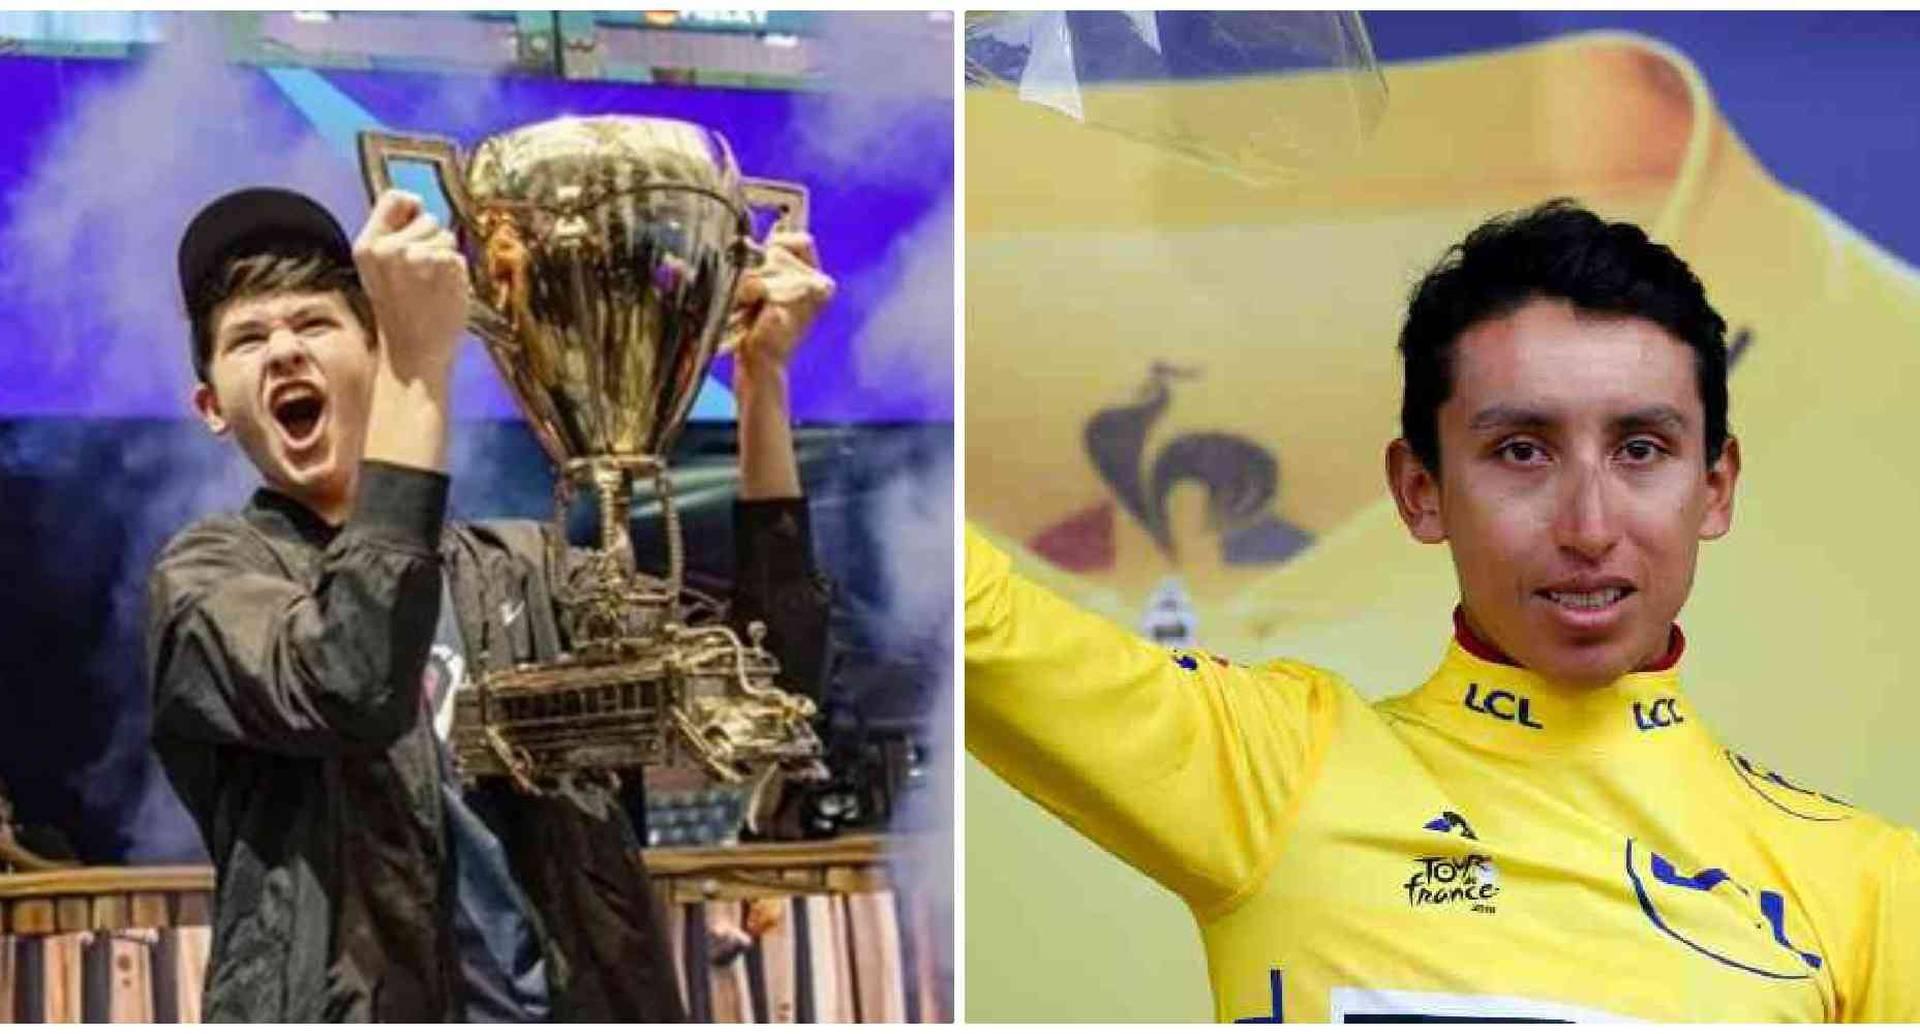 Ganador de videojuego Fortnite y Egan Bernal ganador del Tour de Francia 2019